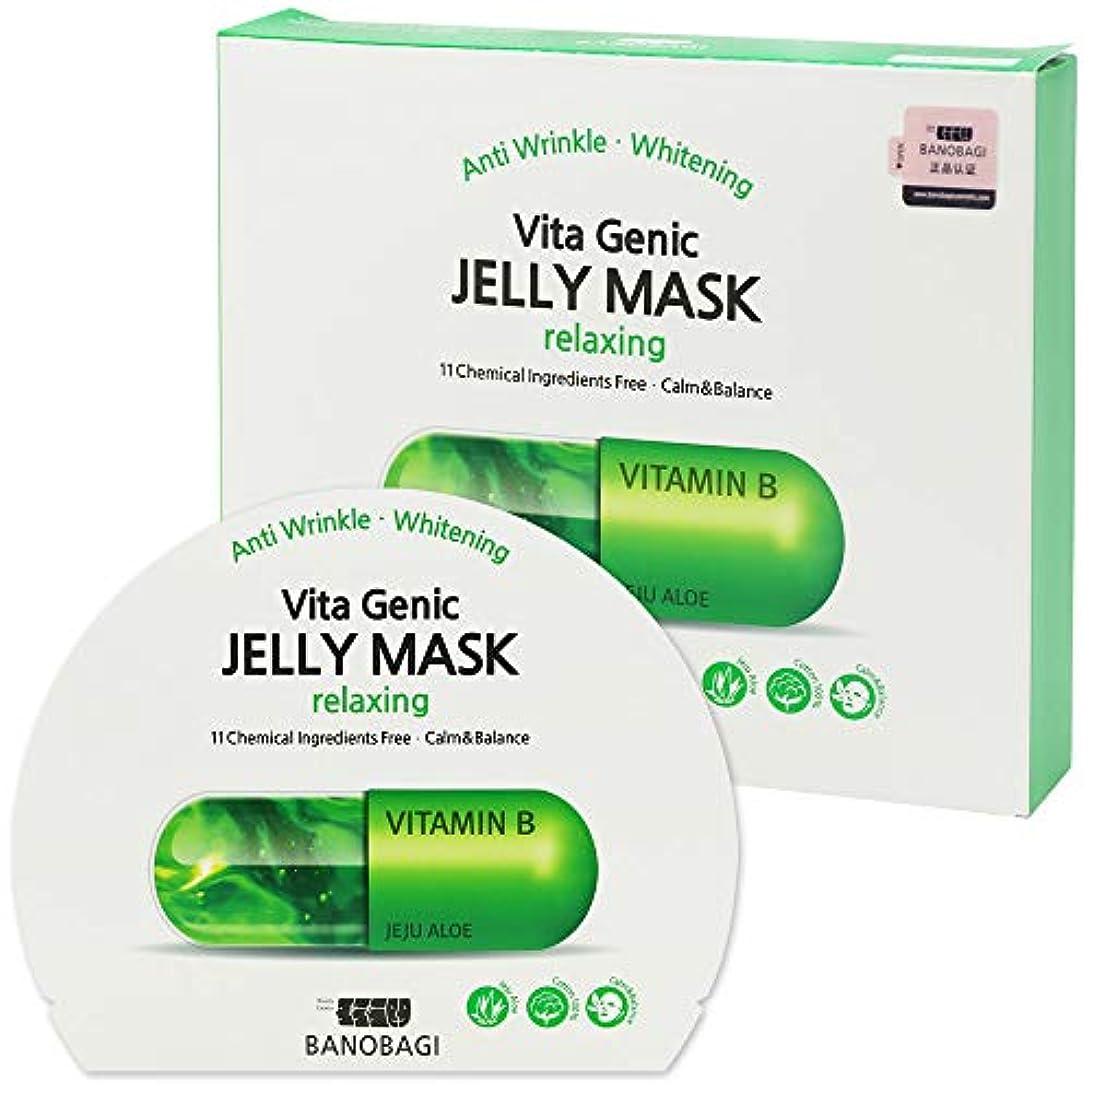 サイズ境界真空バナバギ[BANOBAGI] ヴィータジェニックゼリーマスク★リラックス(緑)30mlx10P / Vita Genic Jelly Mask (Relaxing-Green)